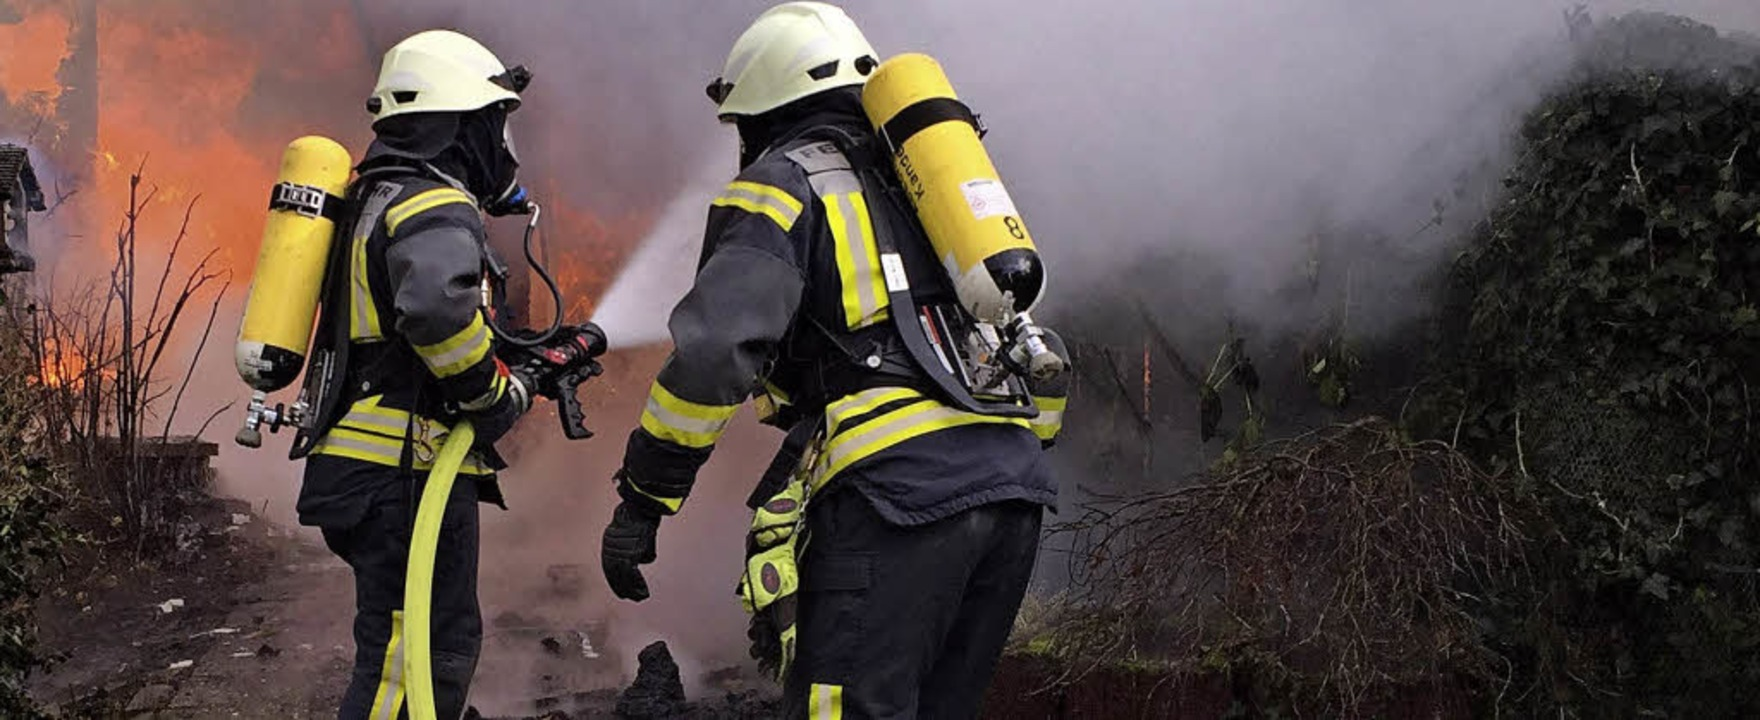 Dafür, dass die Feuerwehrleute im port...Feuerwehrleute bei einem Einsatz 2017.    Foto: Günter Lenke